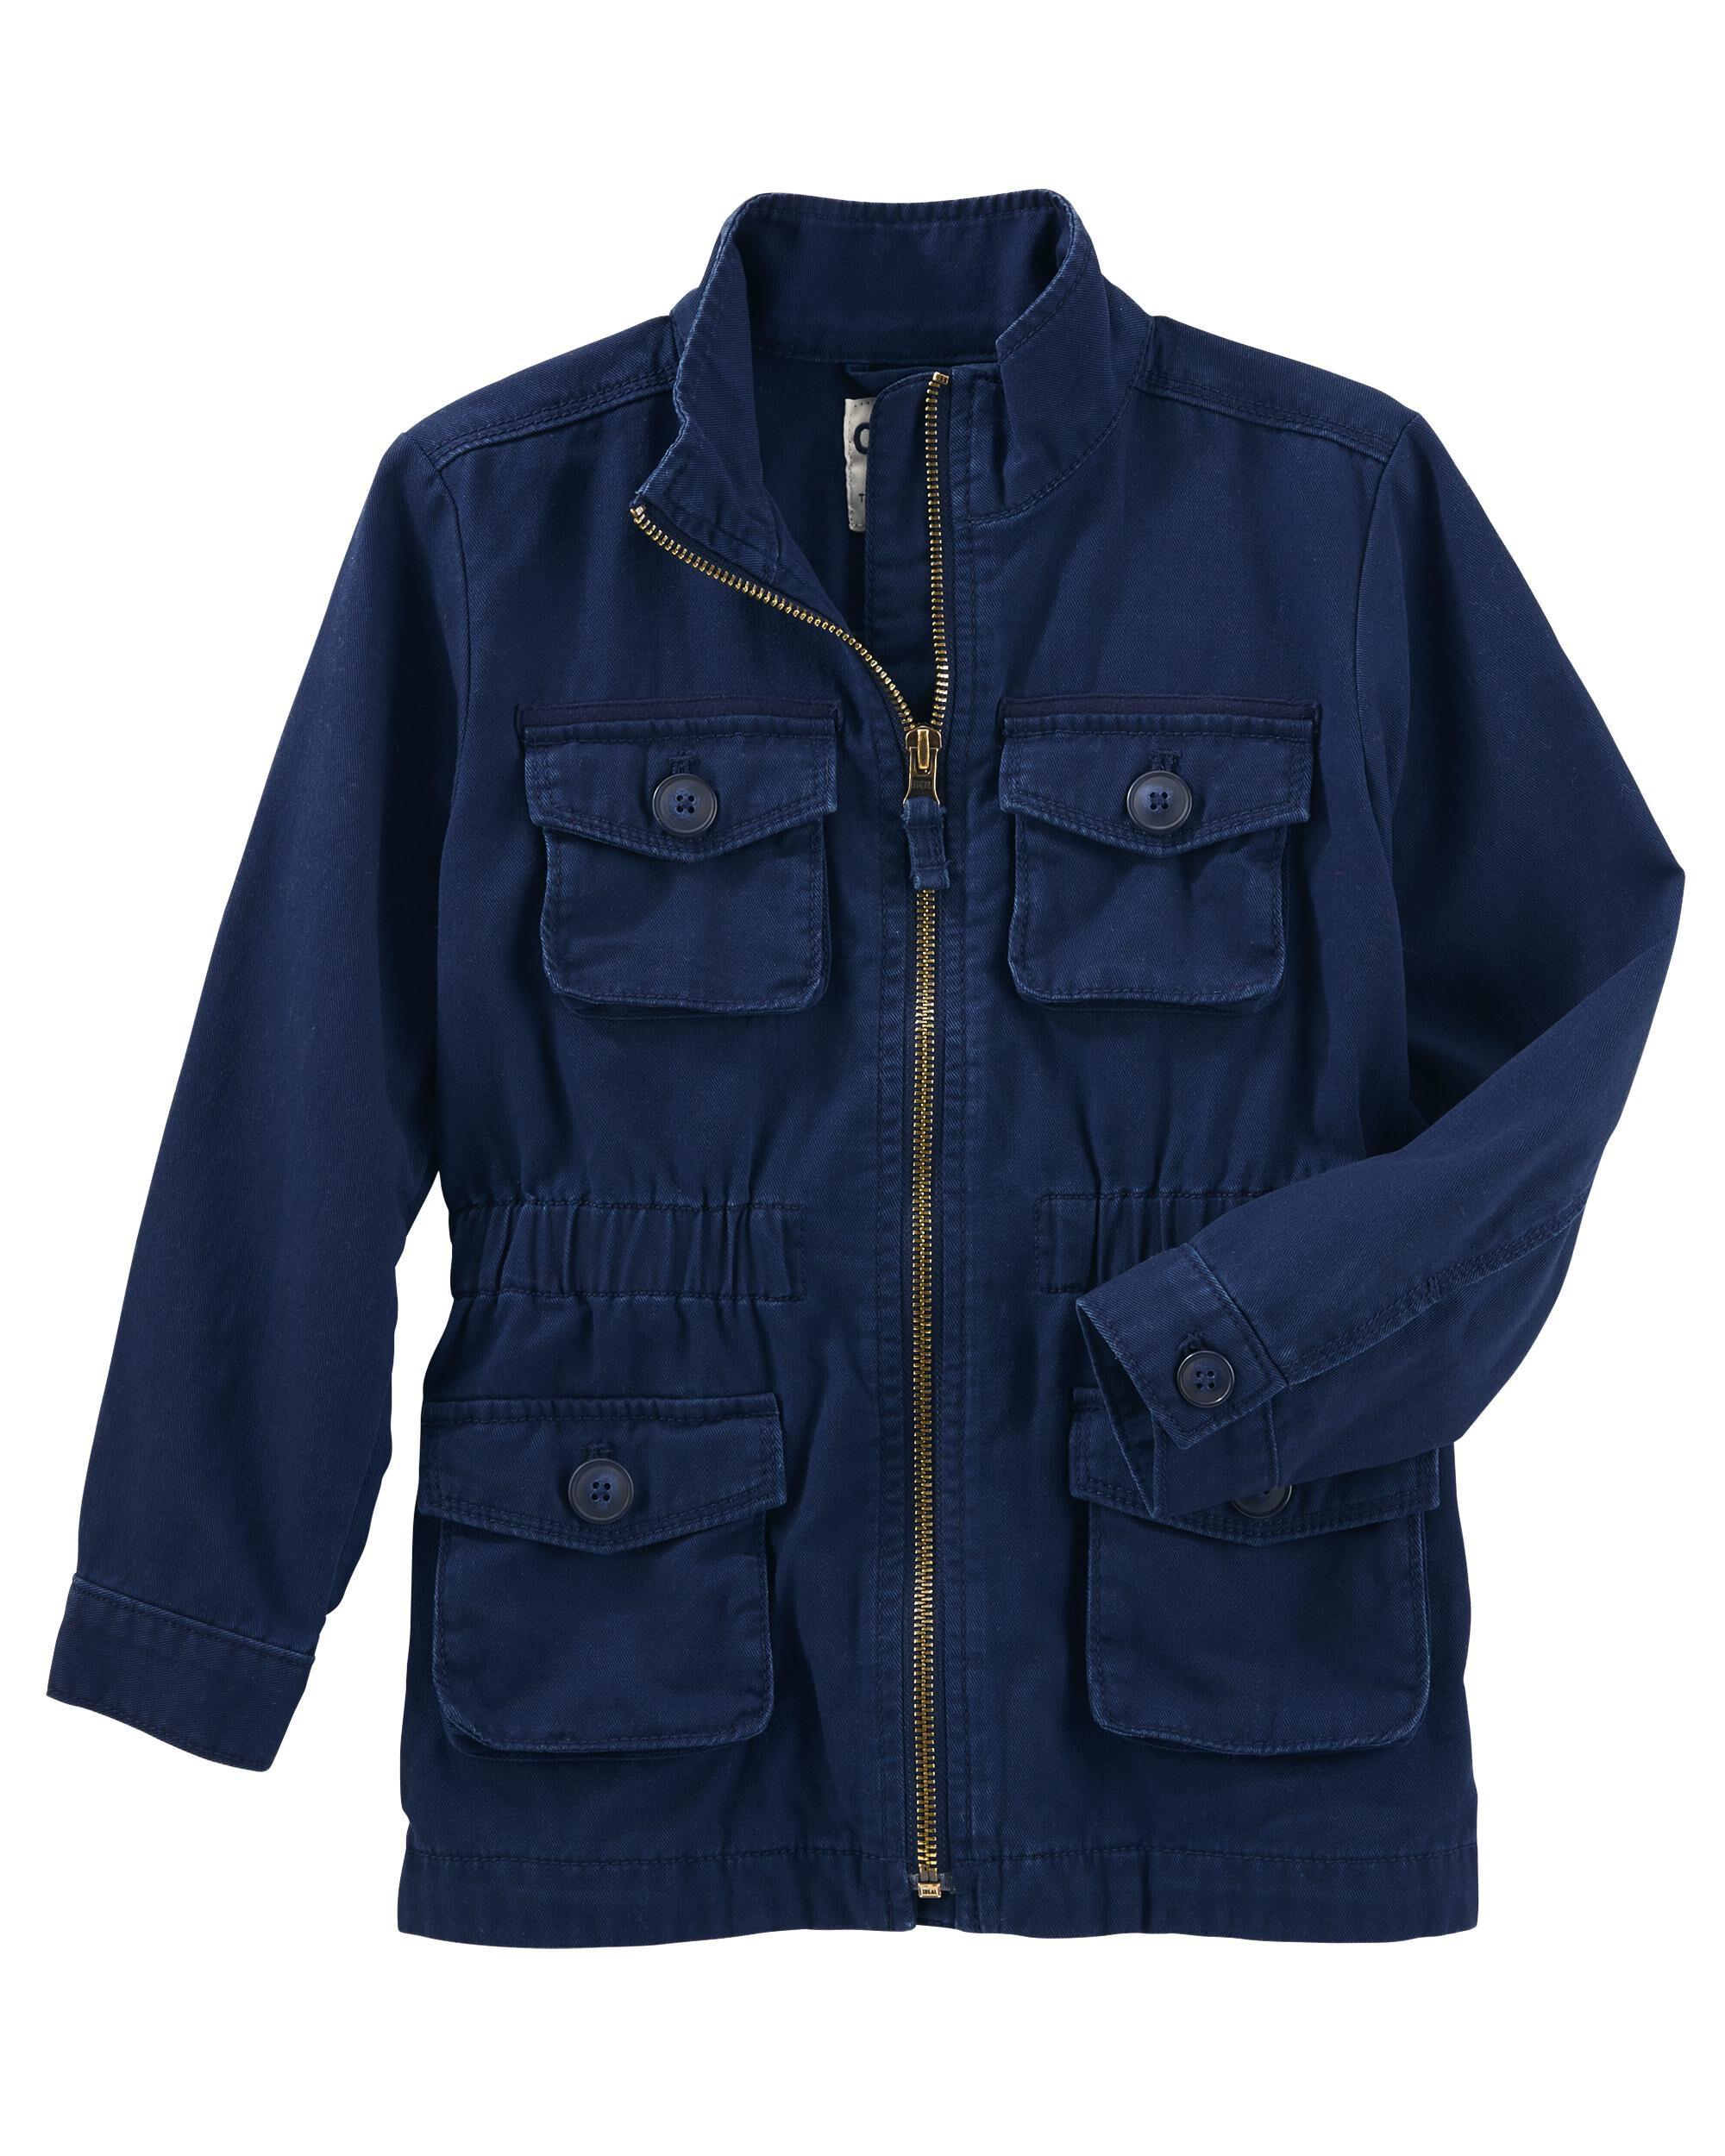 Girls' Jackets, Vests & Coats   OshKosh   Free Shipping